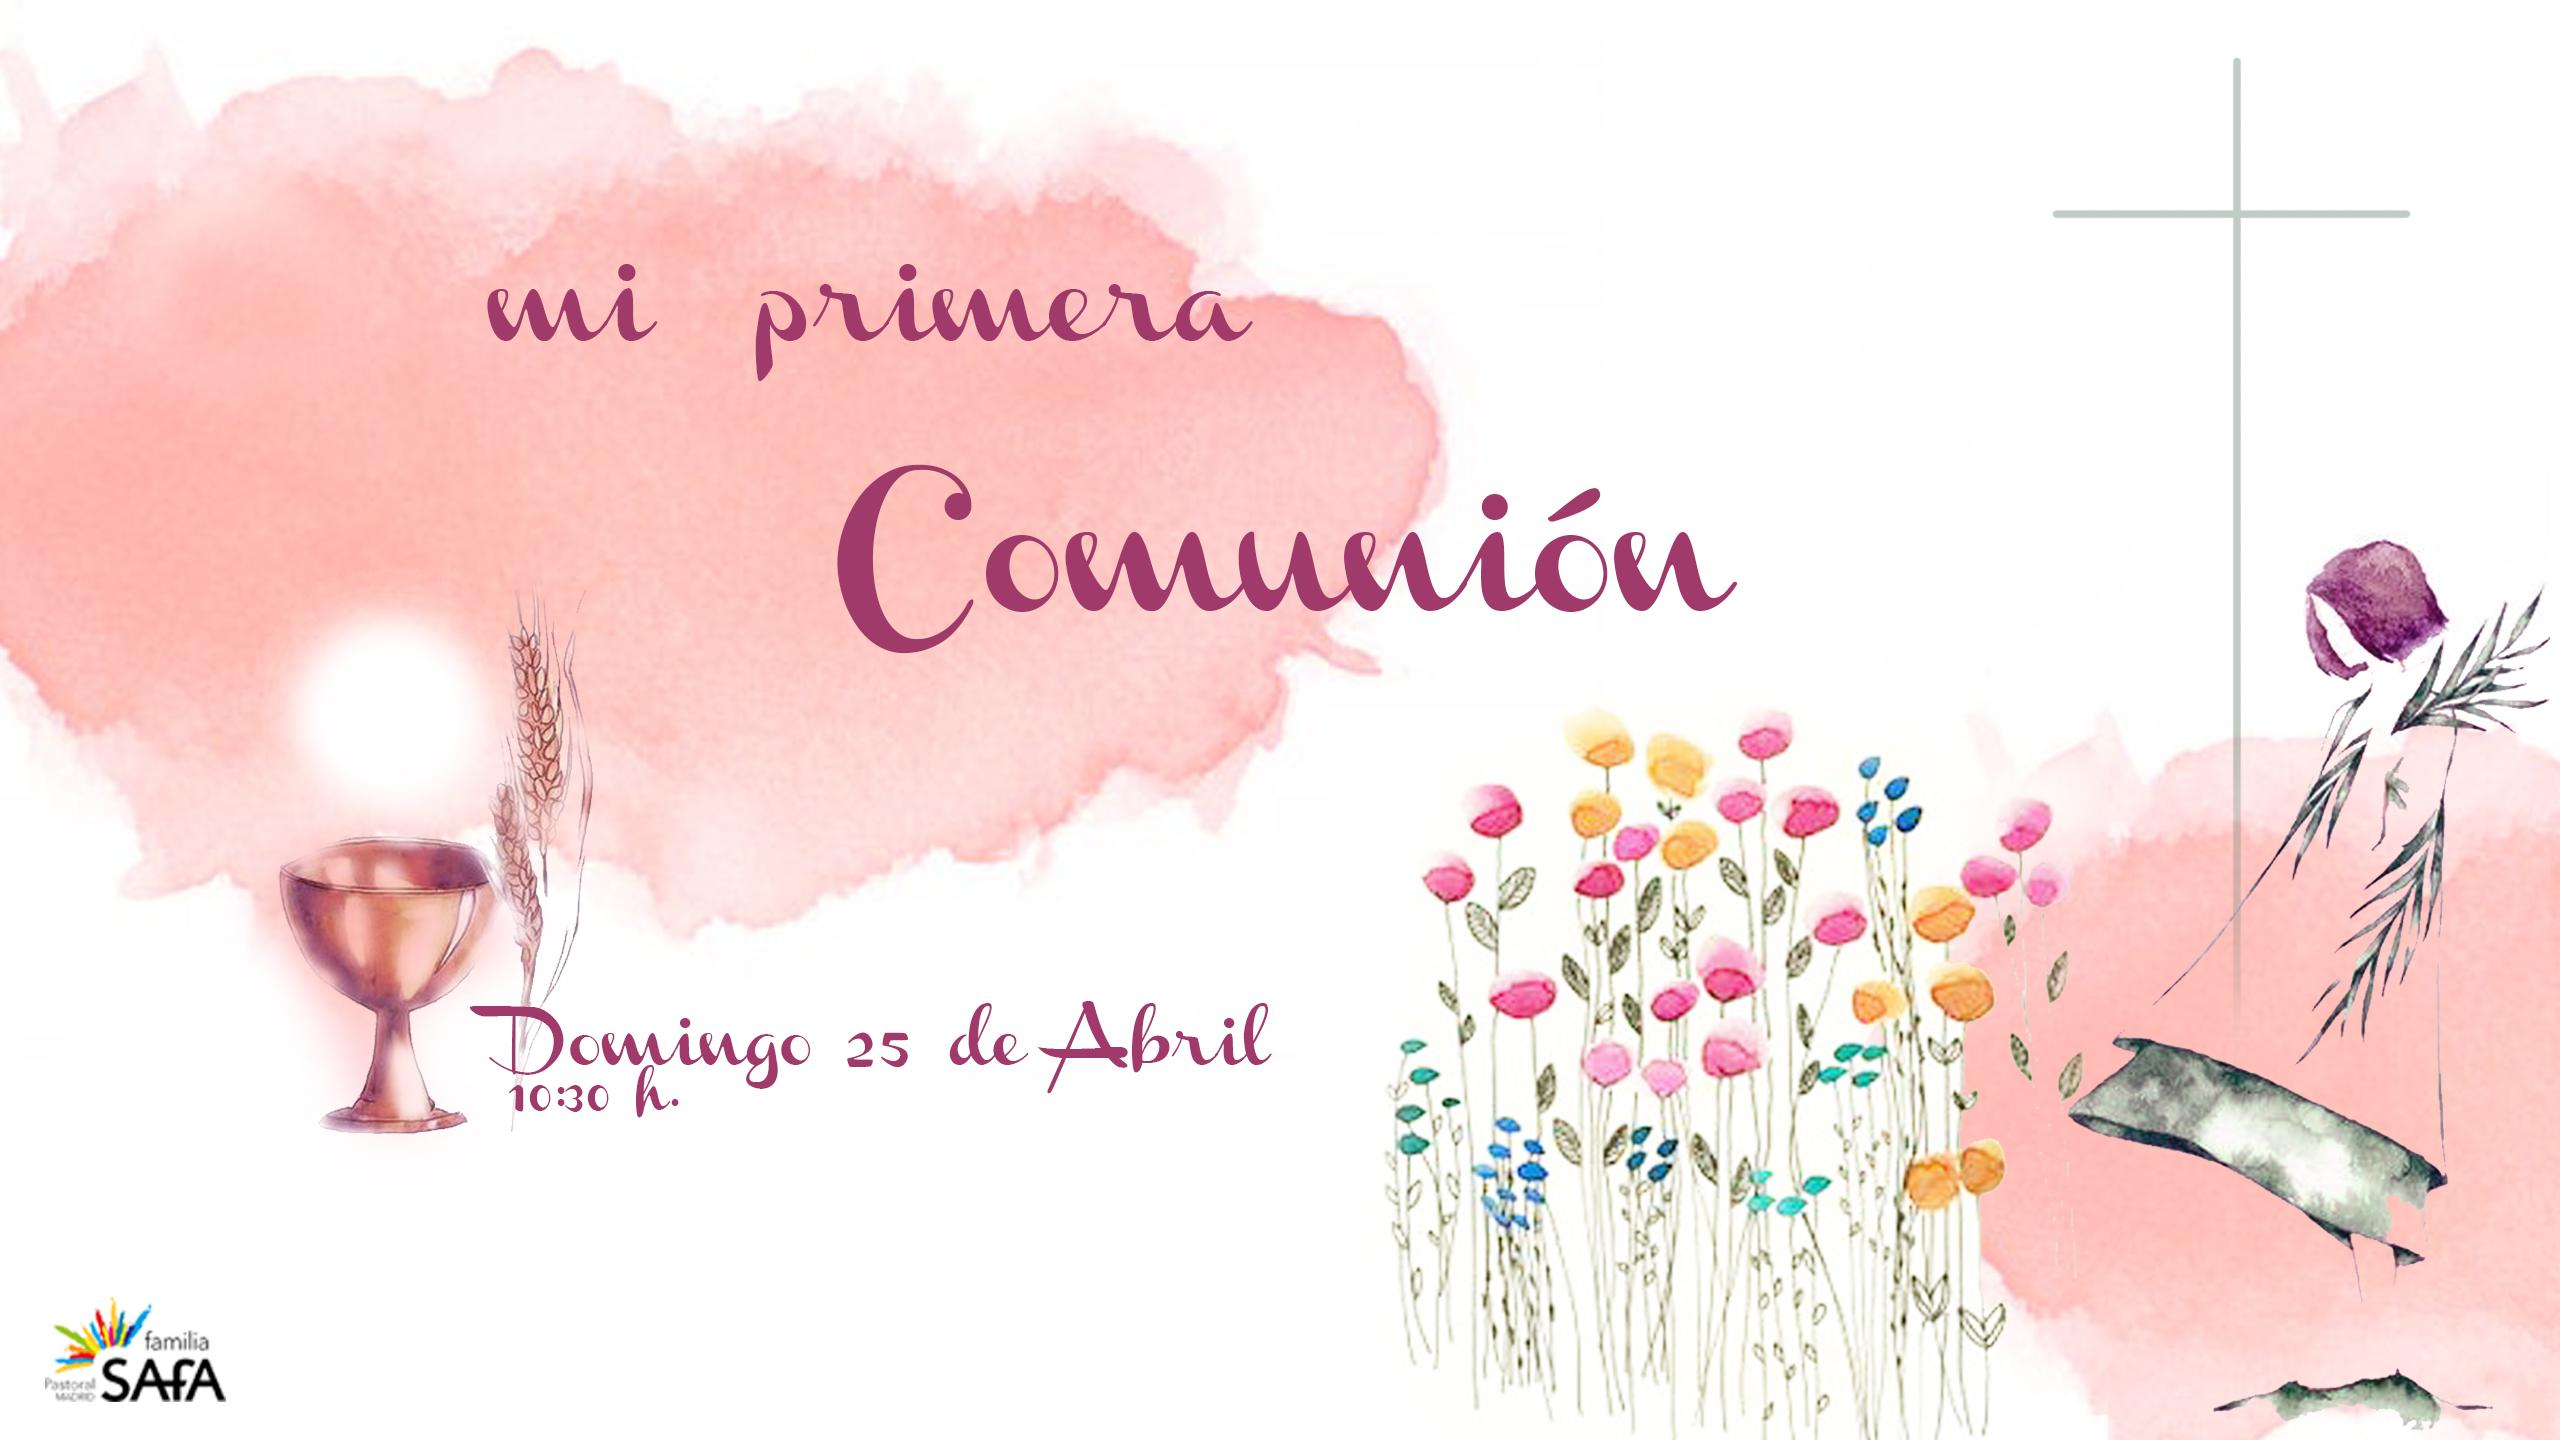 Primeras comuniones II